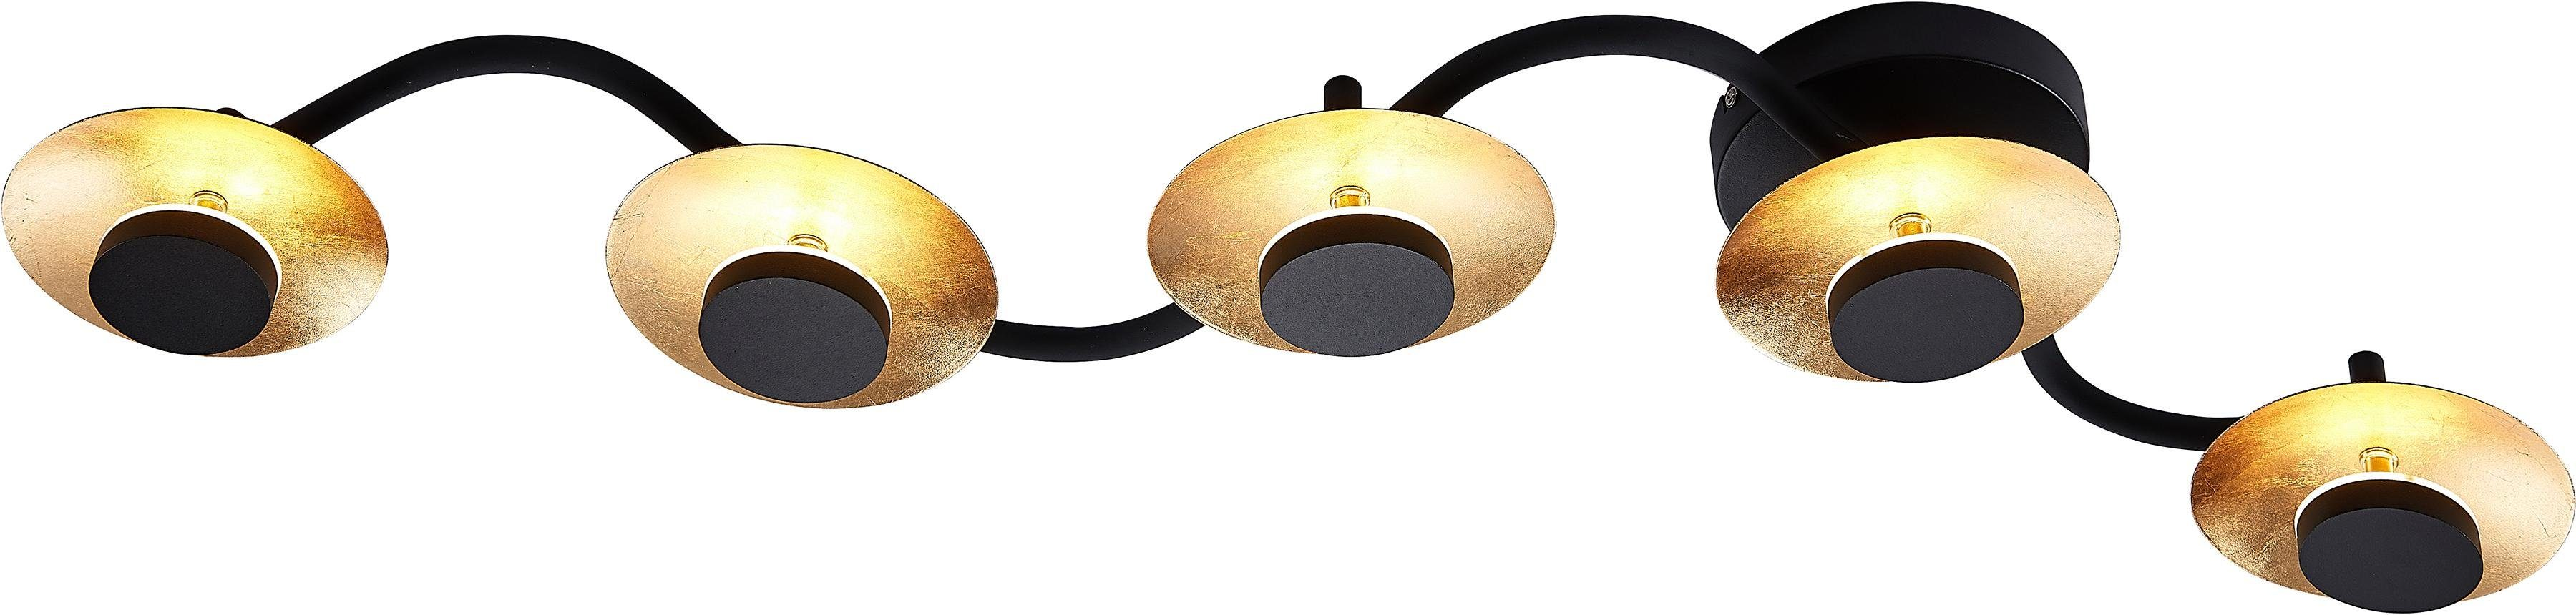 Nino Leuchten LED Deckenleuchte Limber, LED-Board, 1 St., Warmweiß, LED Deckenlampe